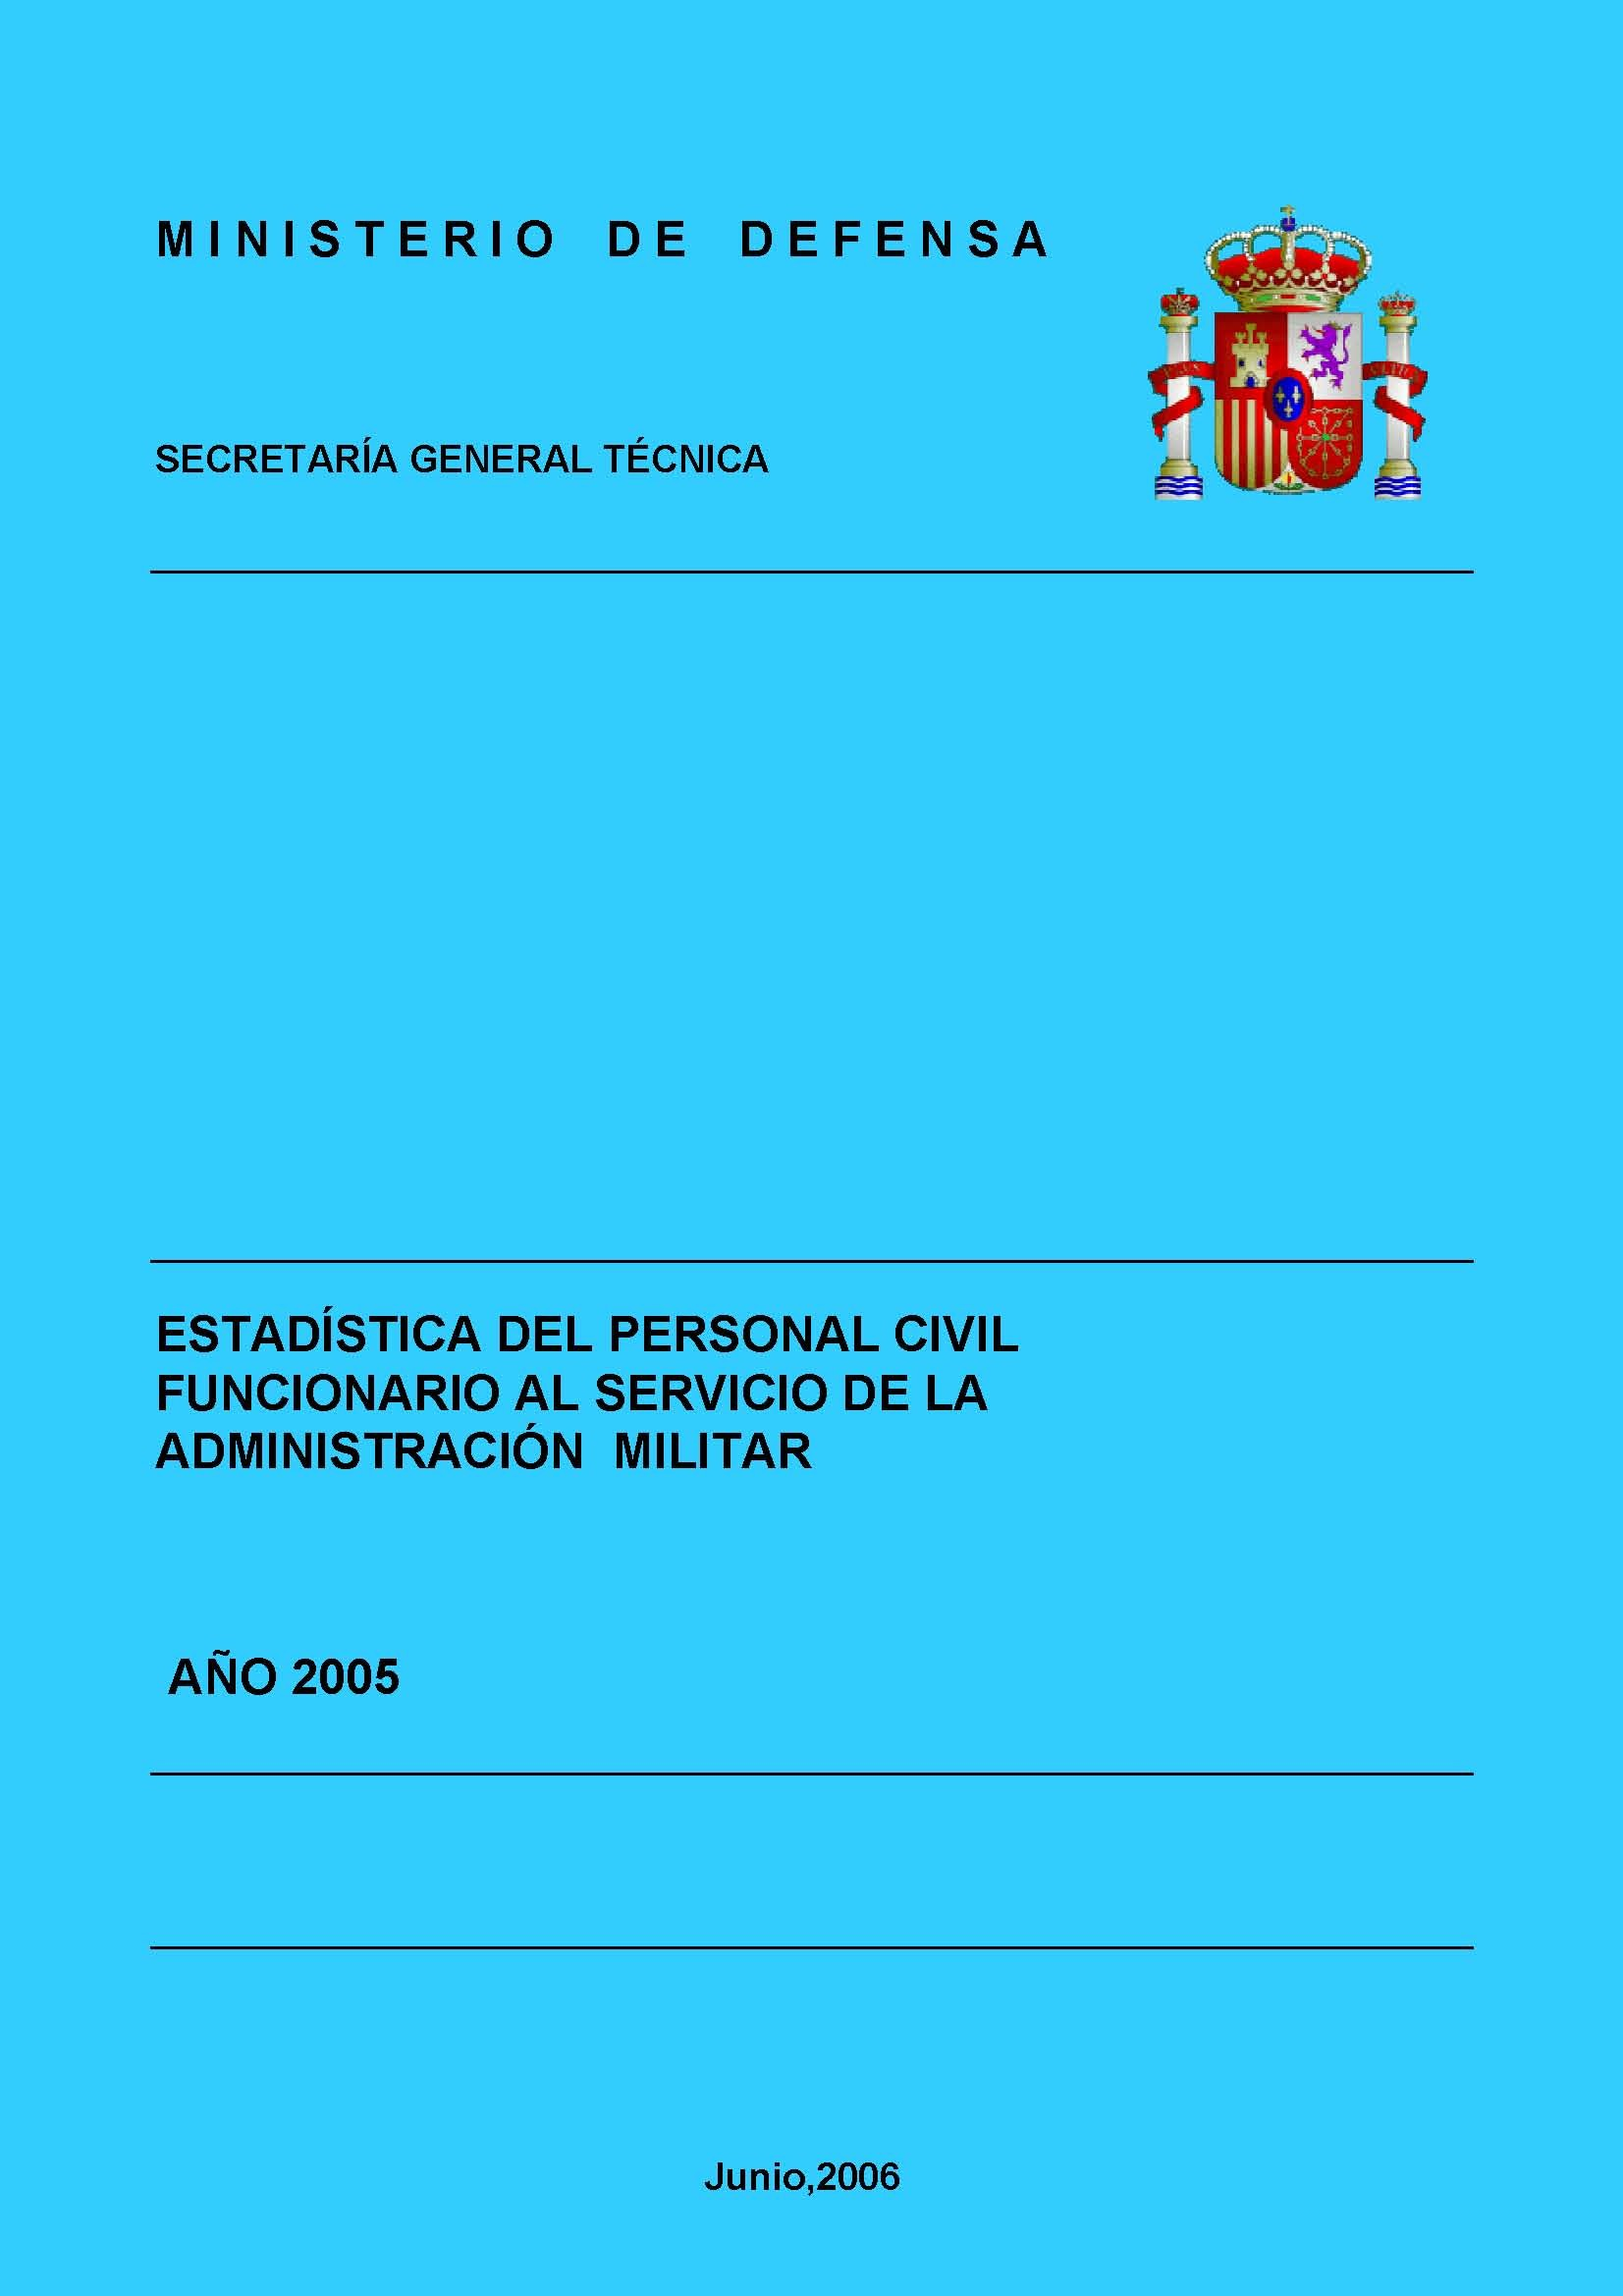 ESTADÍSTICA DEL PERSONAL CIVIL FUNCIONARIO AL SERVICIO DE LA ADMINISTRACIÓN MILITAR 2005